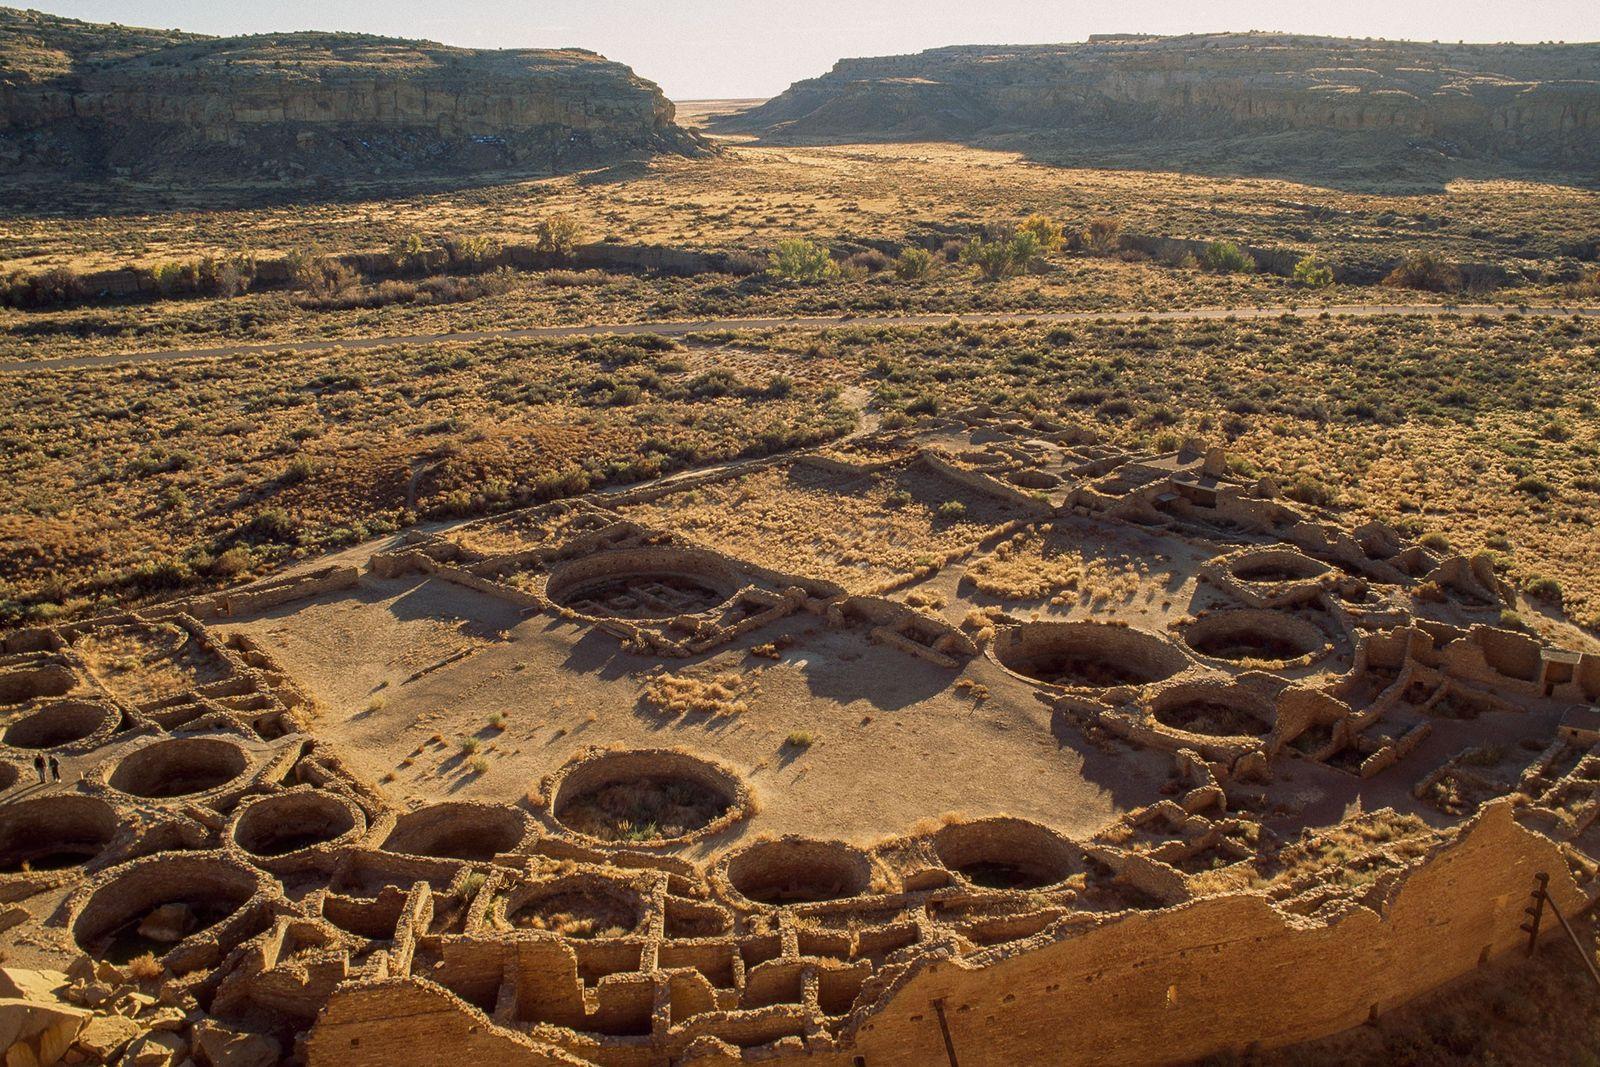 Der weitläufige Komplex Pueblo Bonito in New Mexico, der 650 Räume umfasst, war zwischen 800 und ...